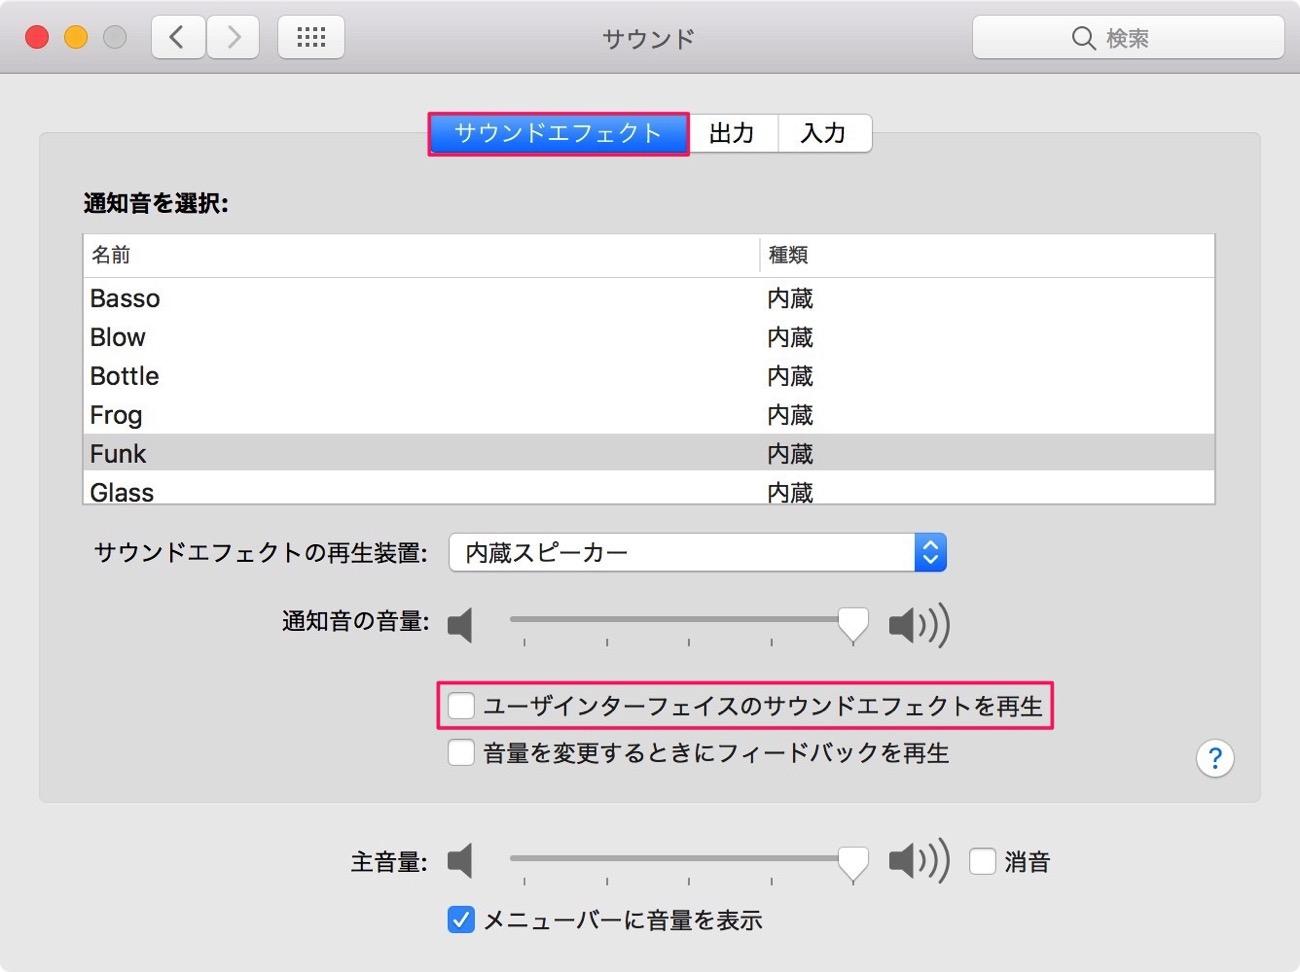 サウンドエフェクト内のユーザインターフェイスのサウンドエフェクトを再生をオフにする。